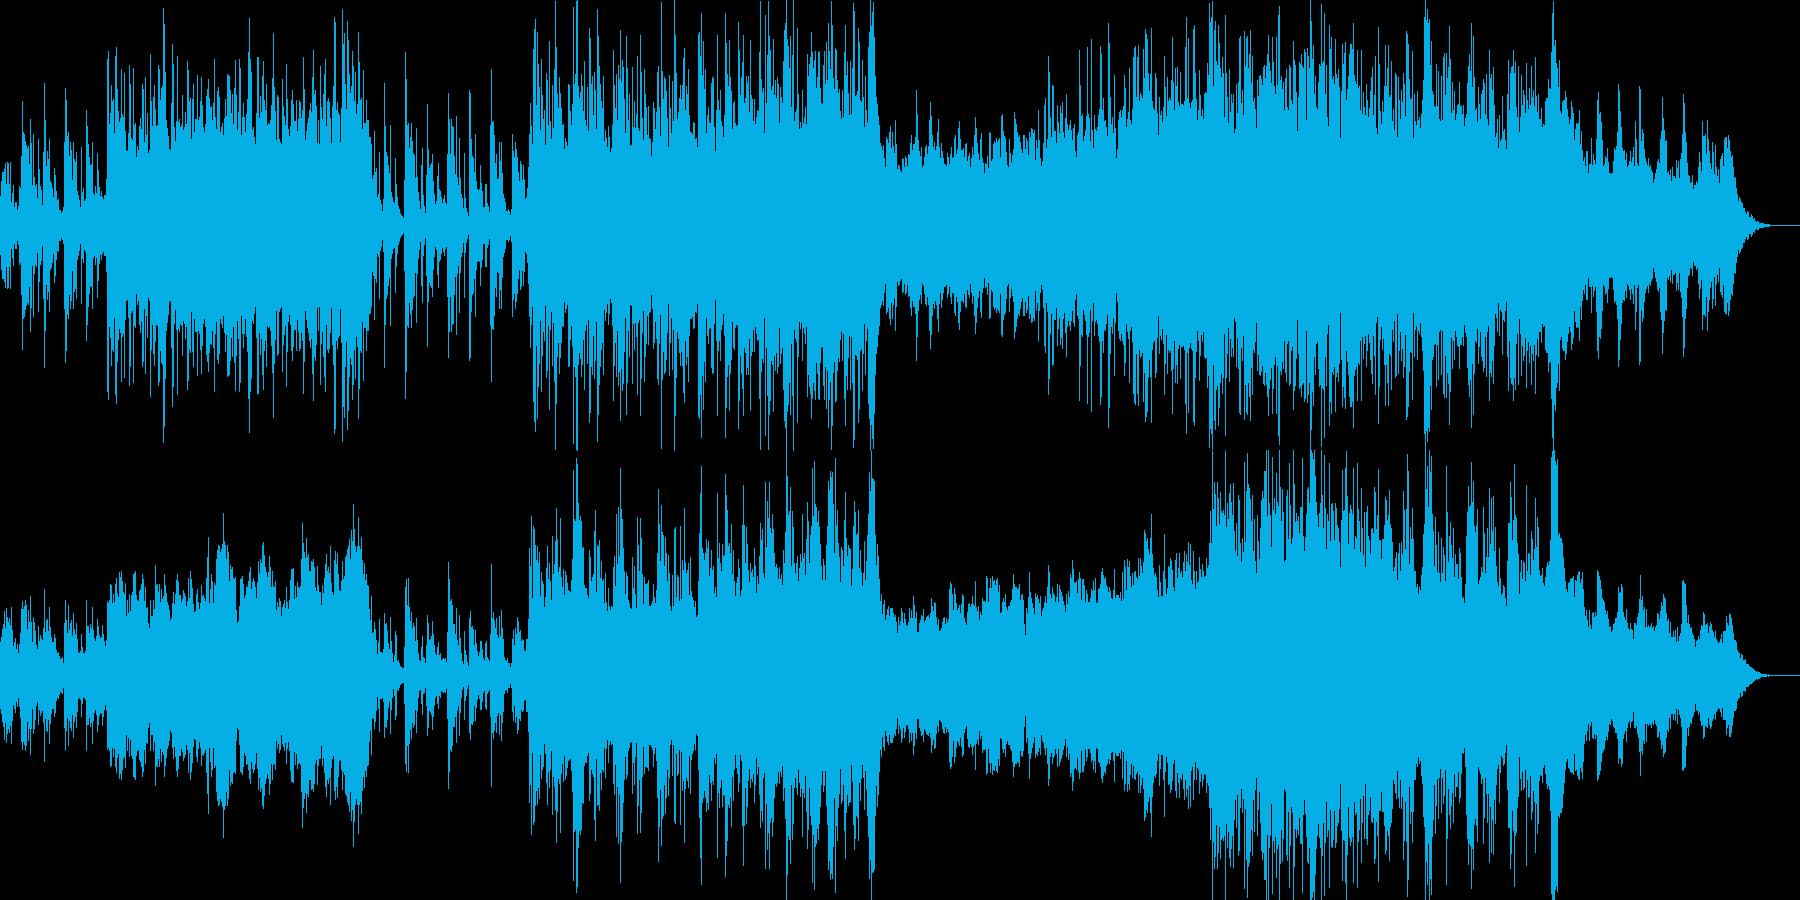 桜 せつない 和風 太鼓 琴 尺八の再生済みの波形